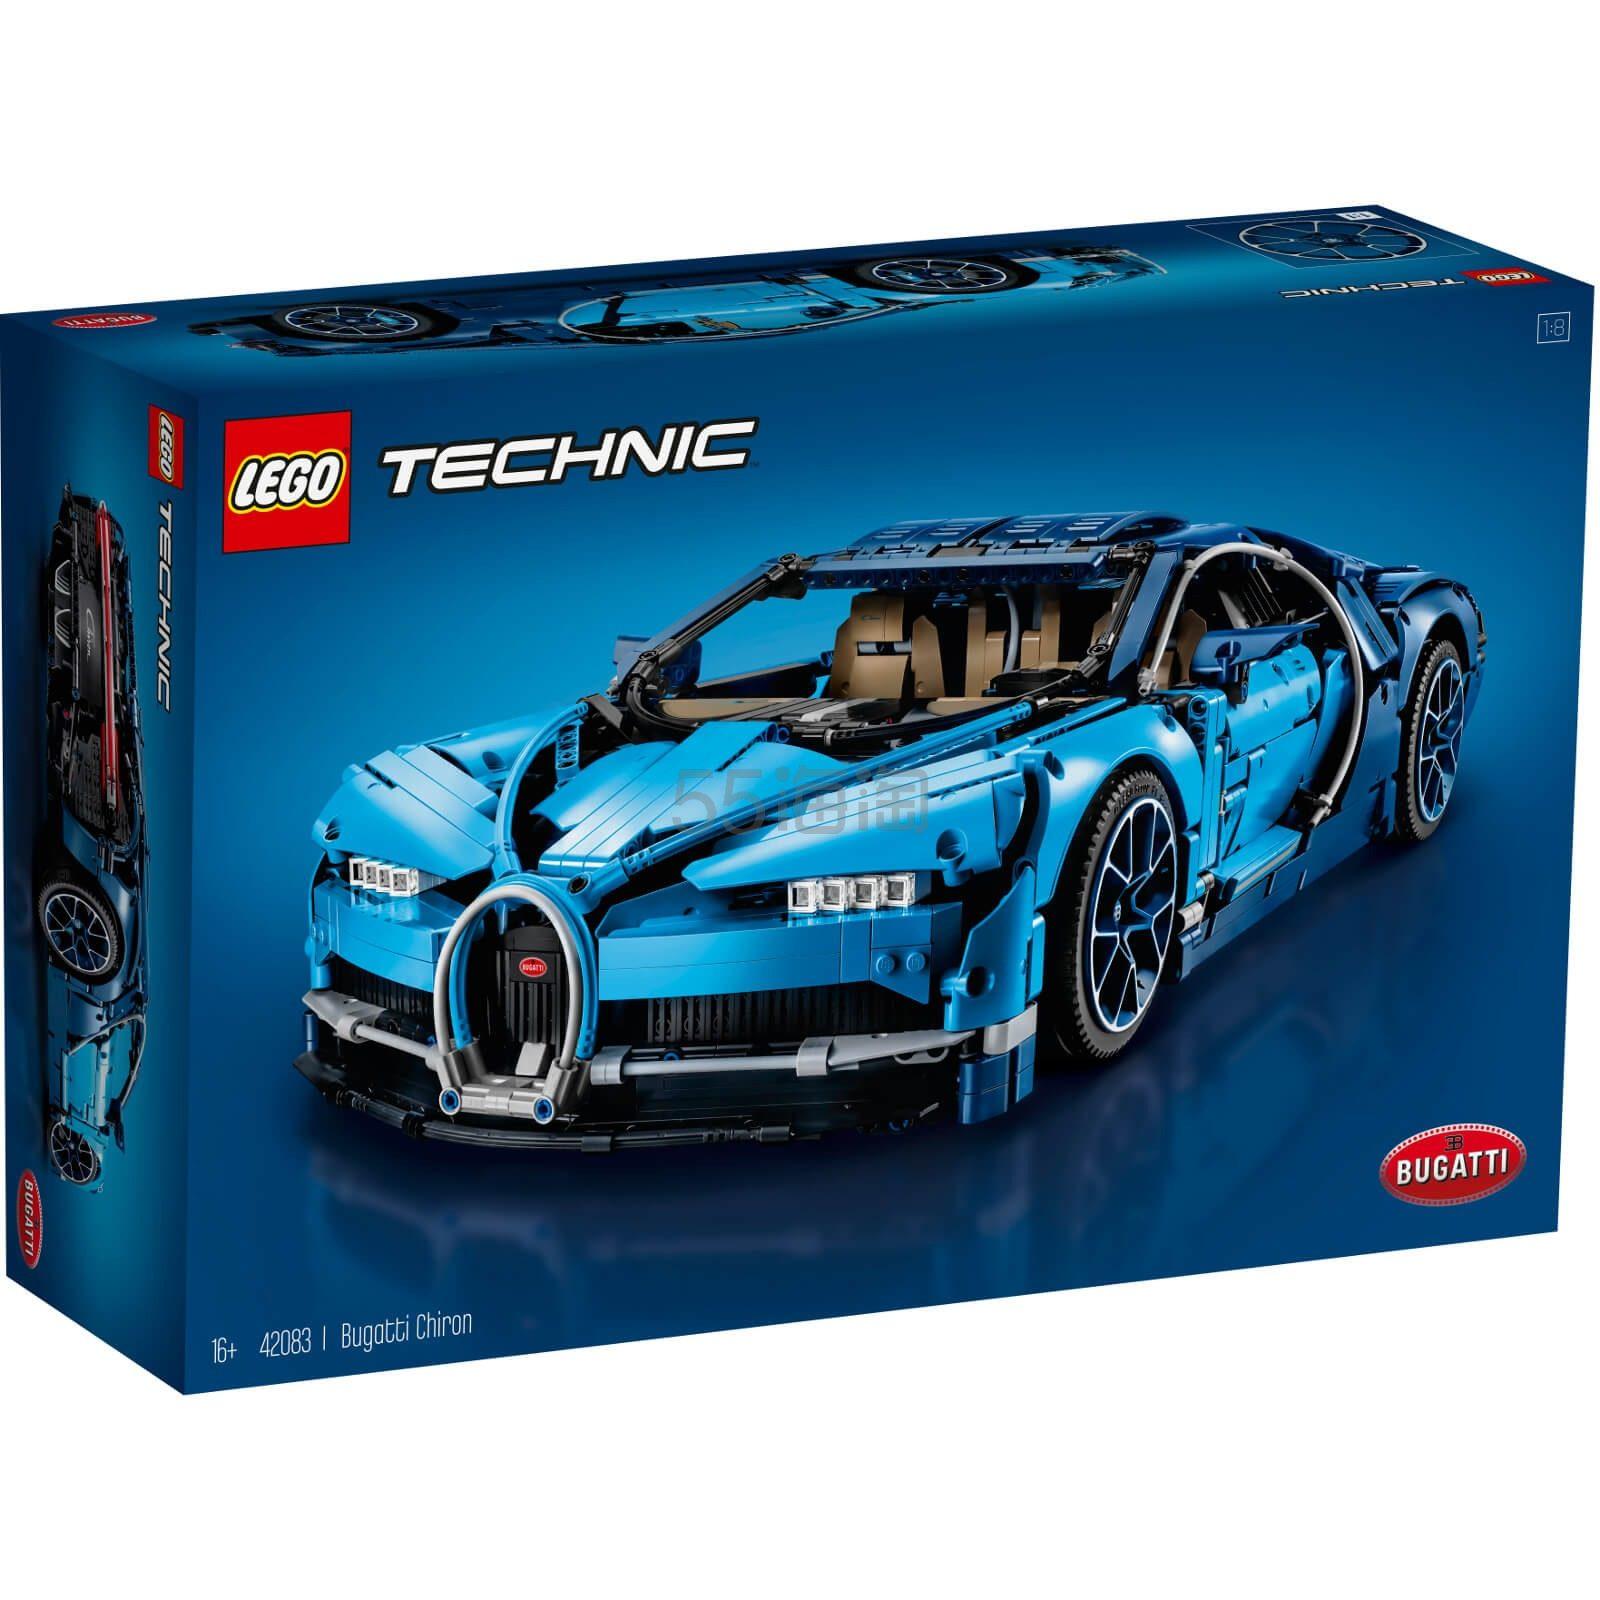 LEGO 乐高 科技系列 布加迪威龙 (42083) £219.99(约1,975元) - 海淘优惠海淘折扣|55海淘网